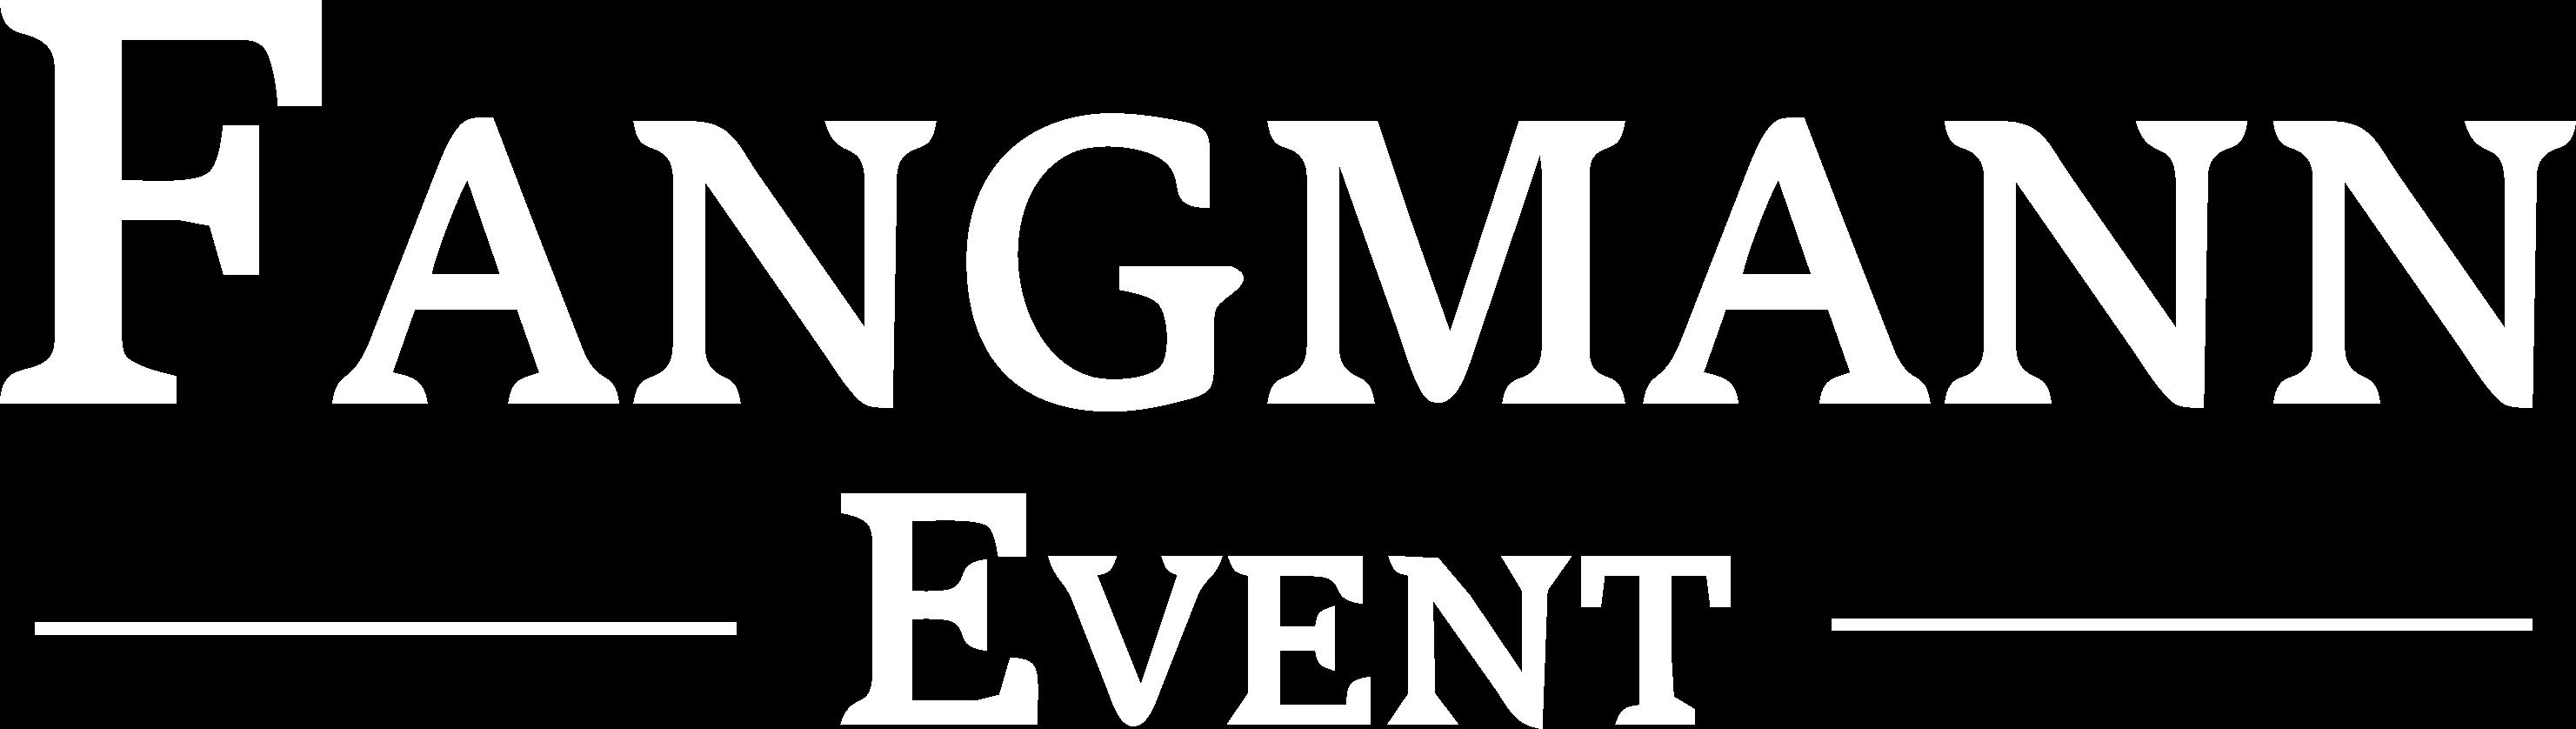 Fangmann Event